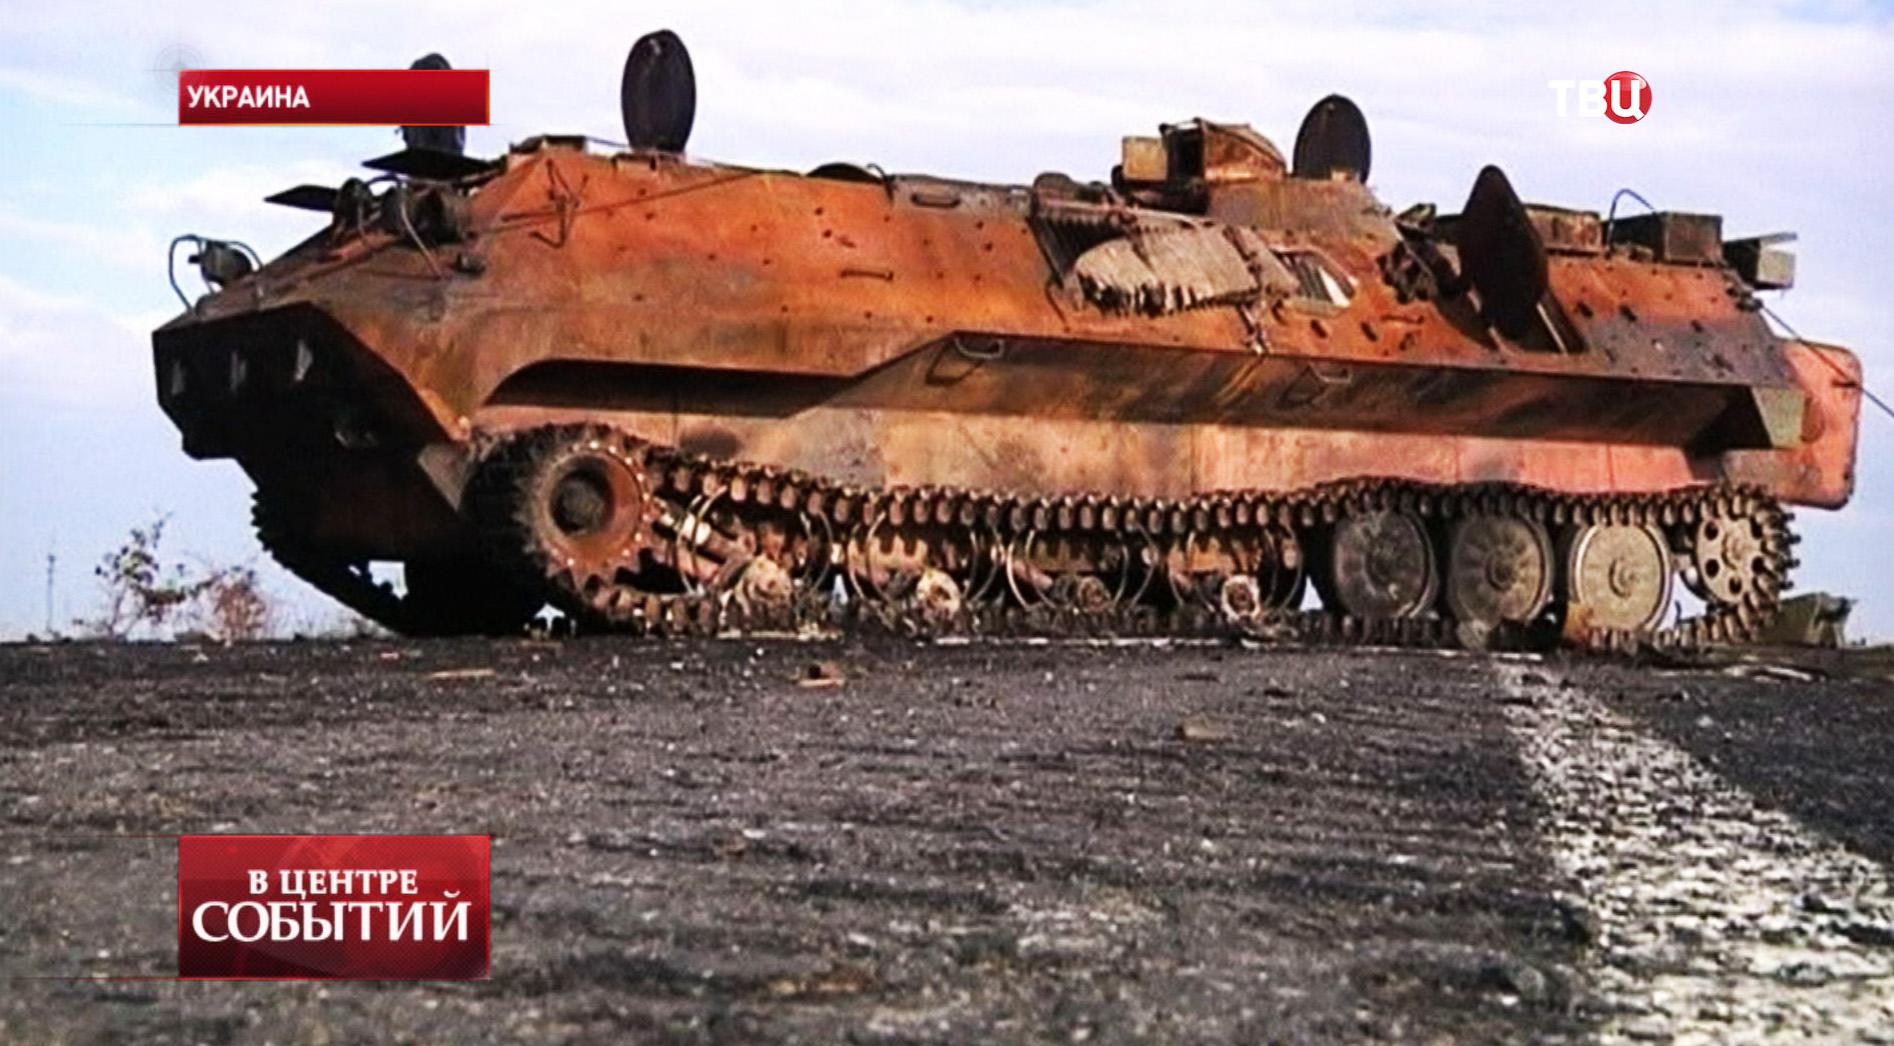 Сгоревшая военная техника украинской армии